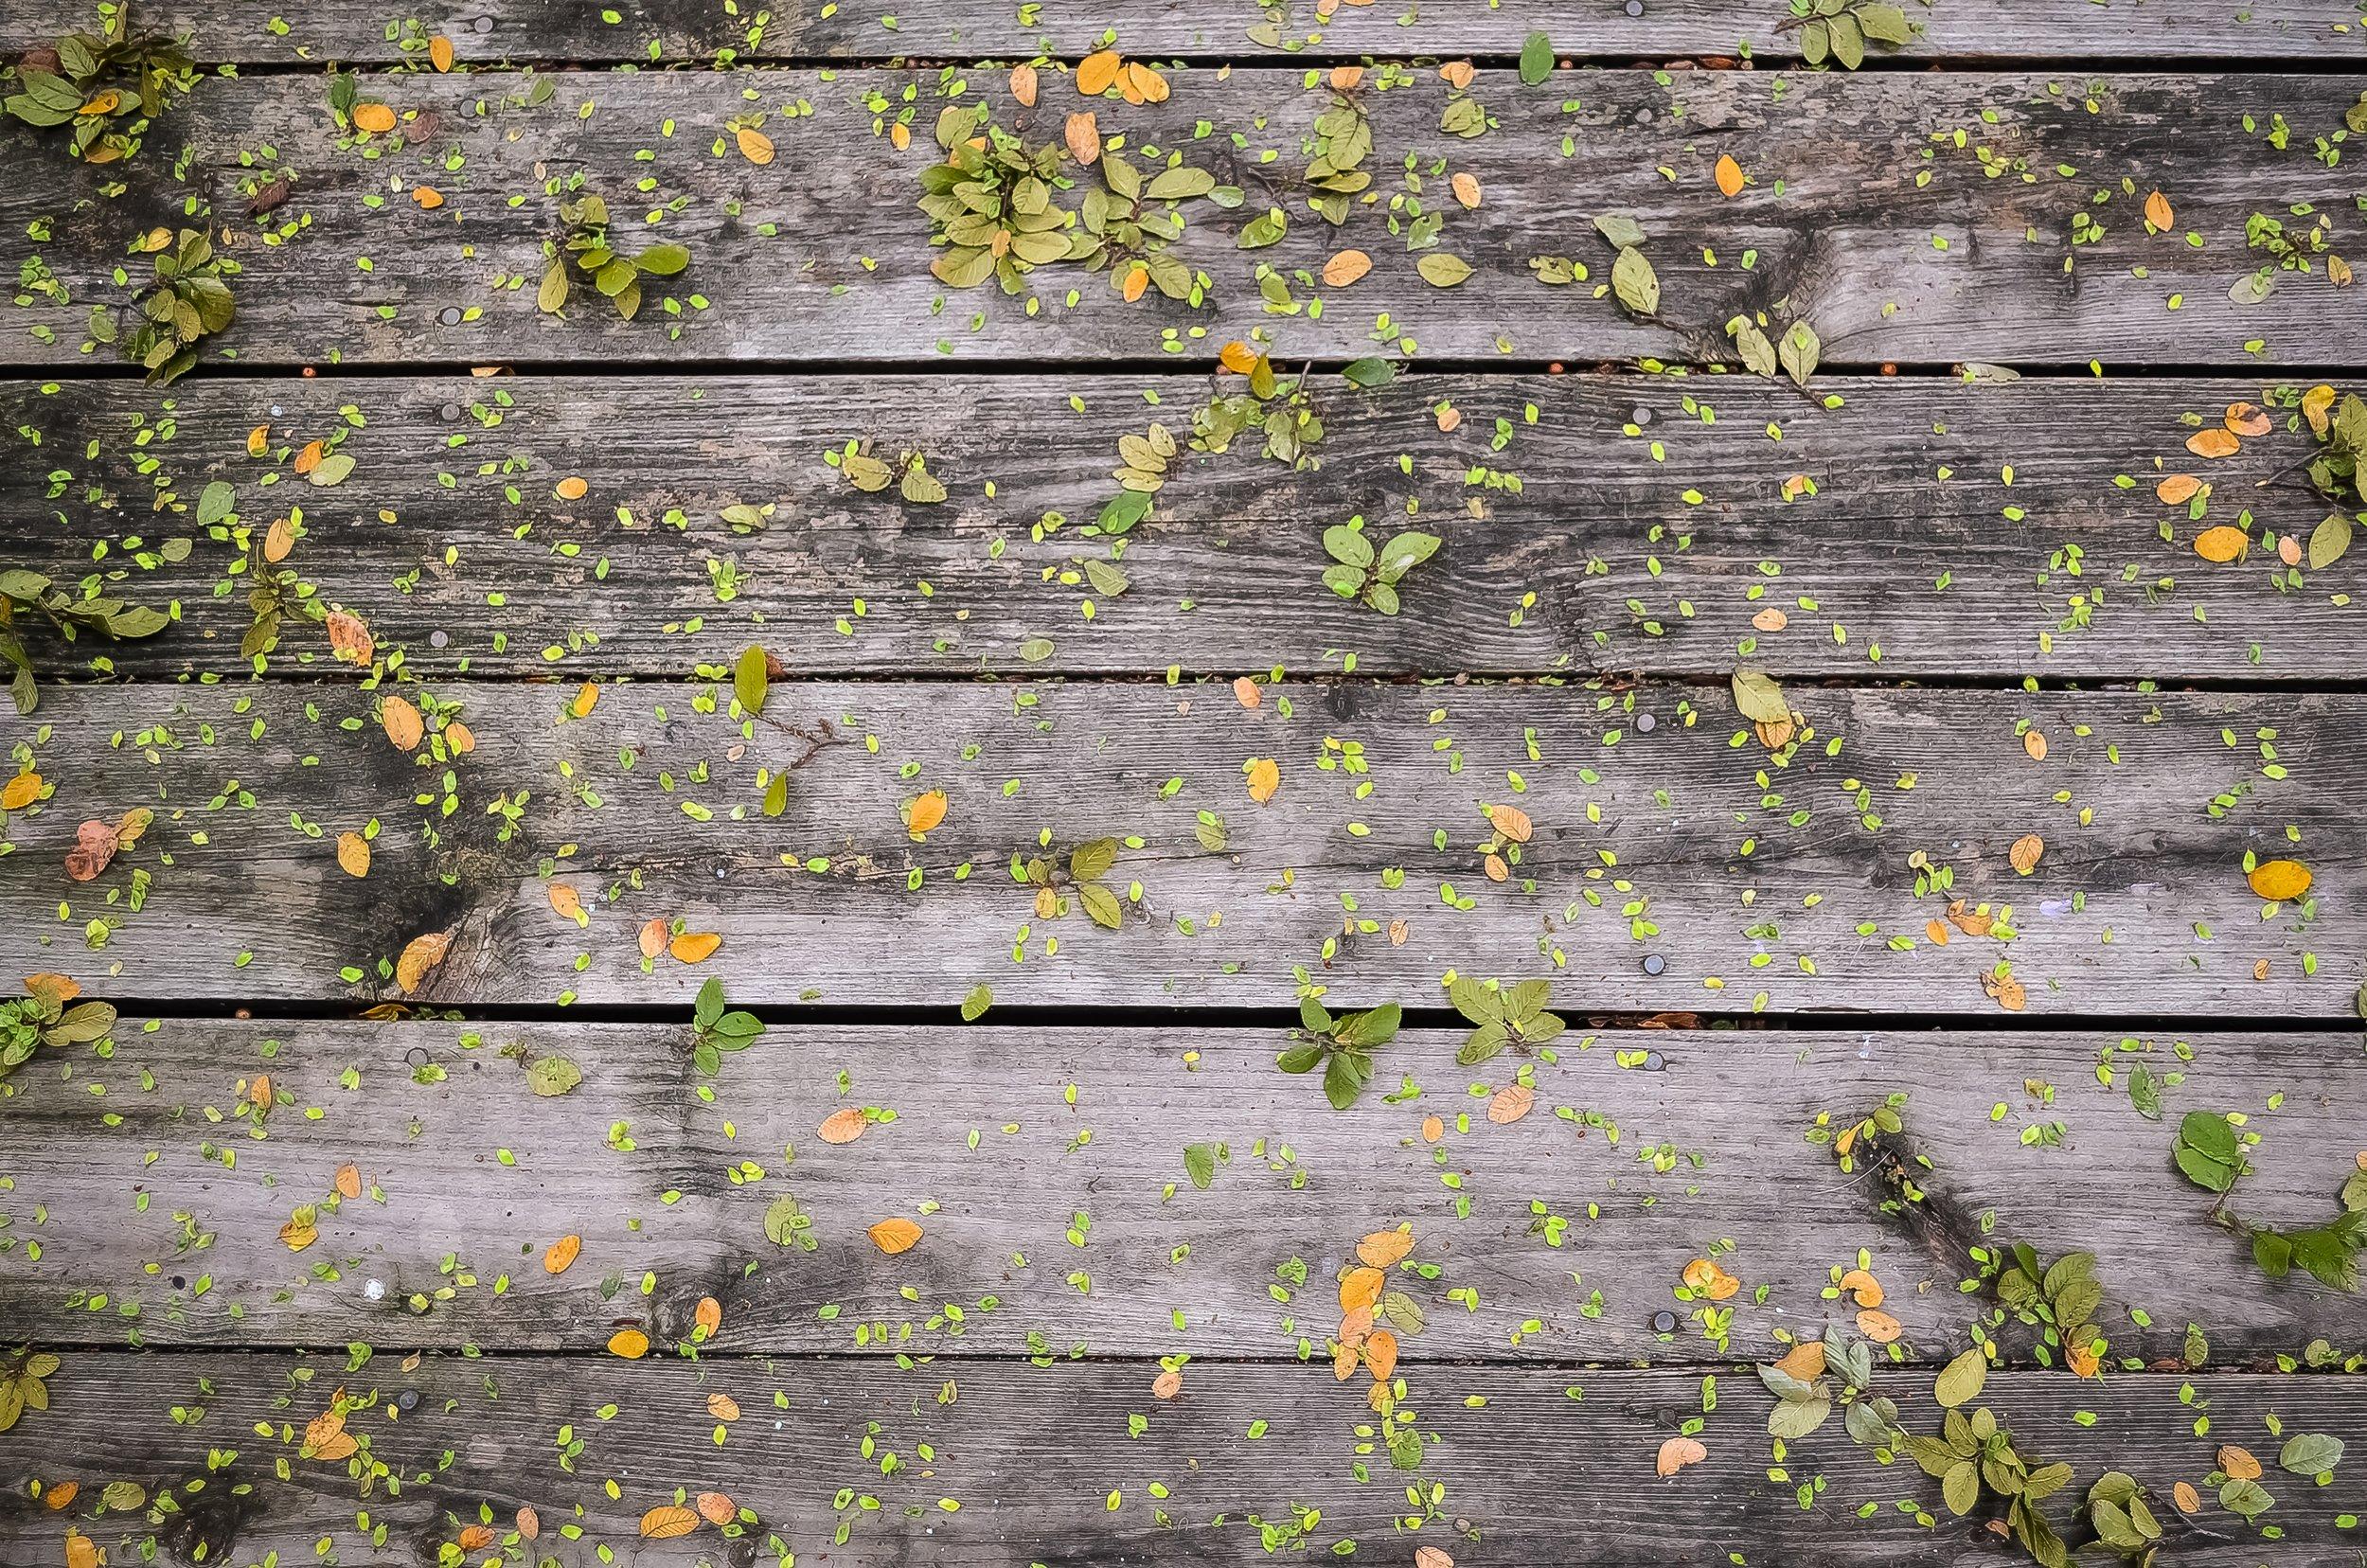 Leaves-Steve Richey.JPG